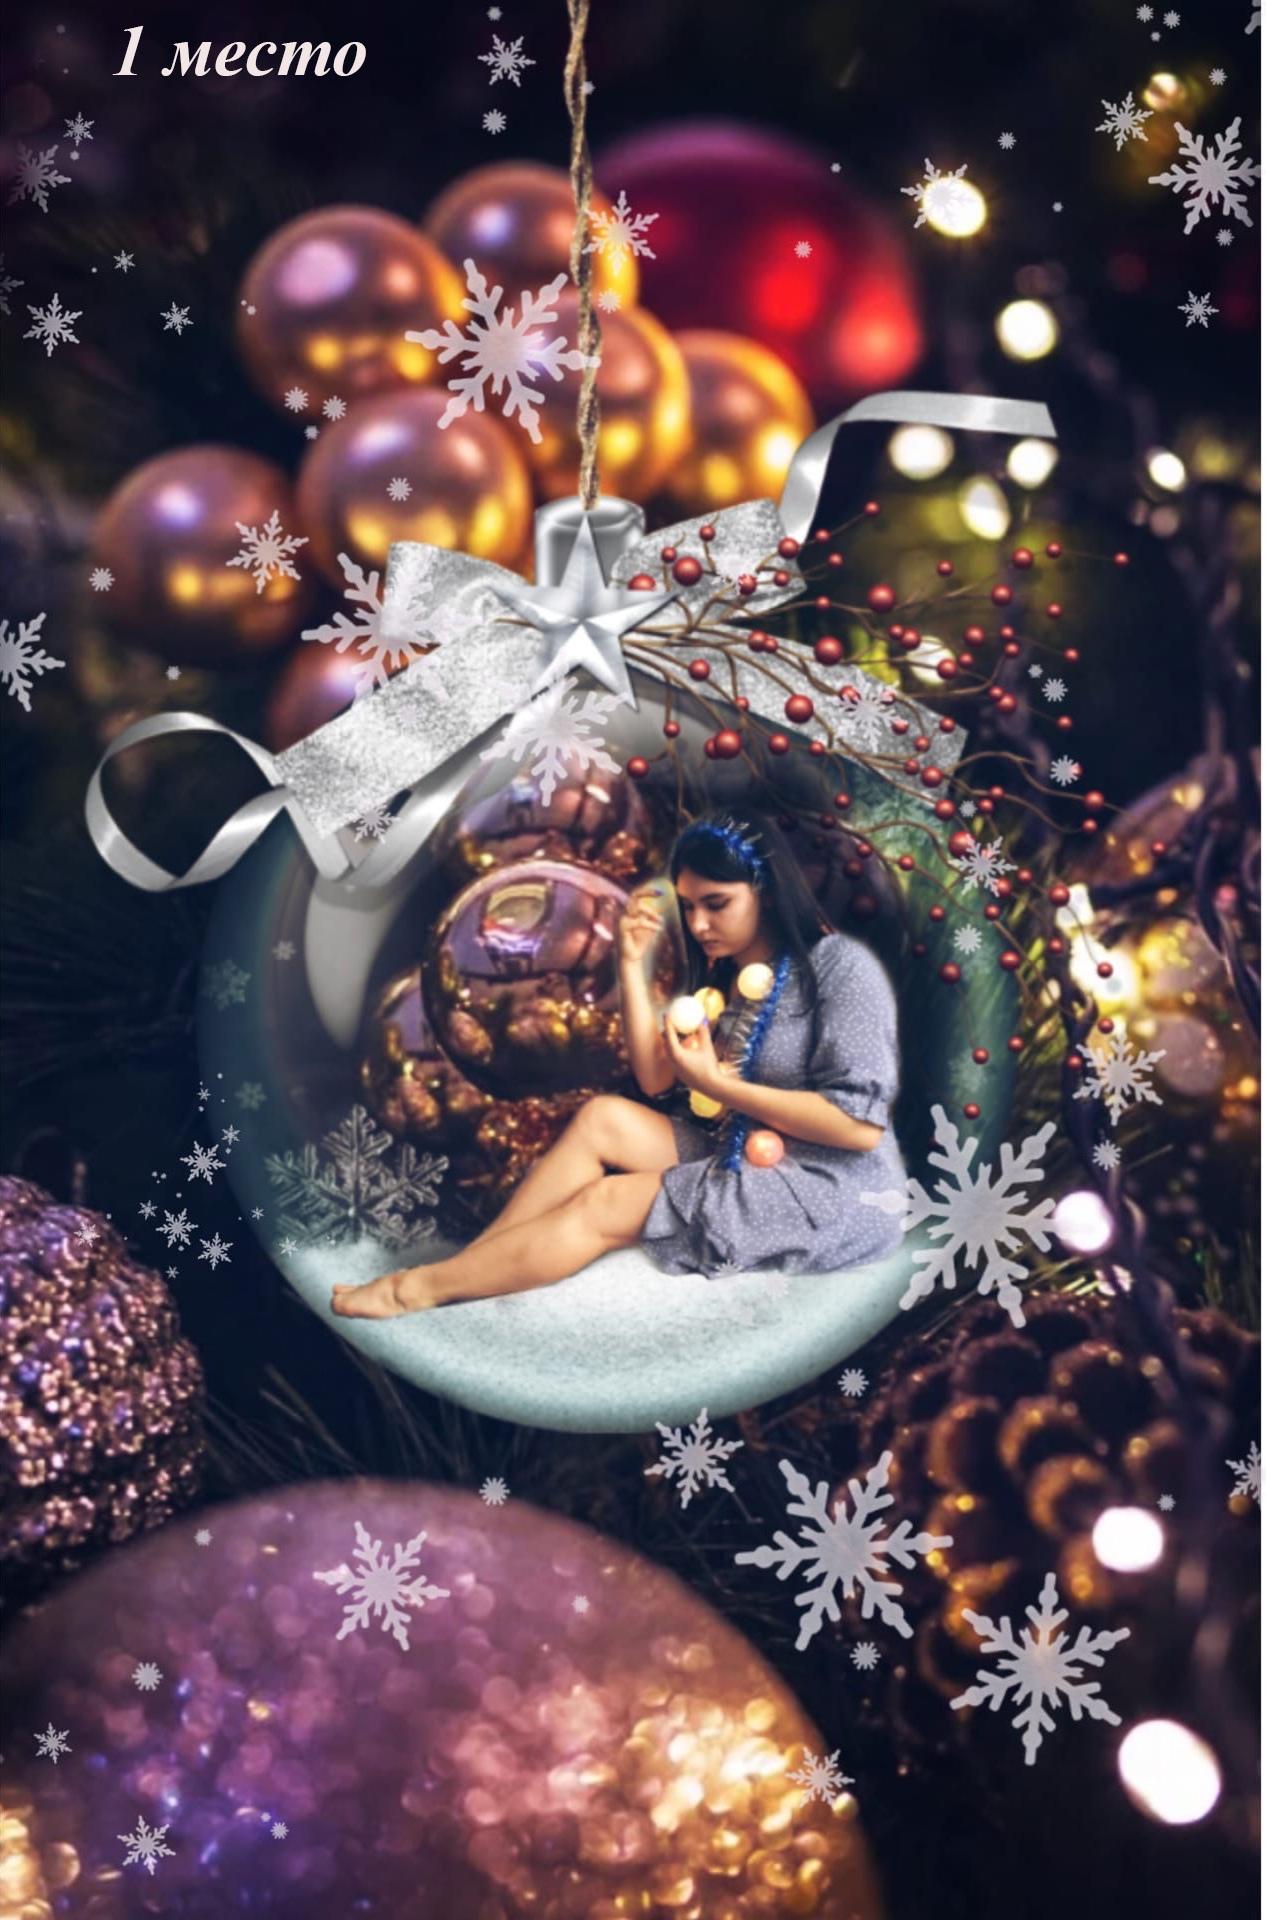 конкурс фотографий «Новогодняя фантазия»